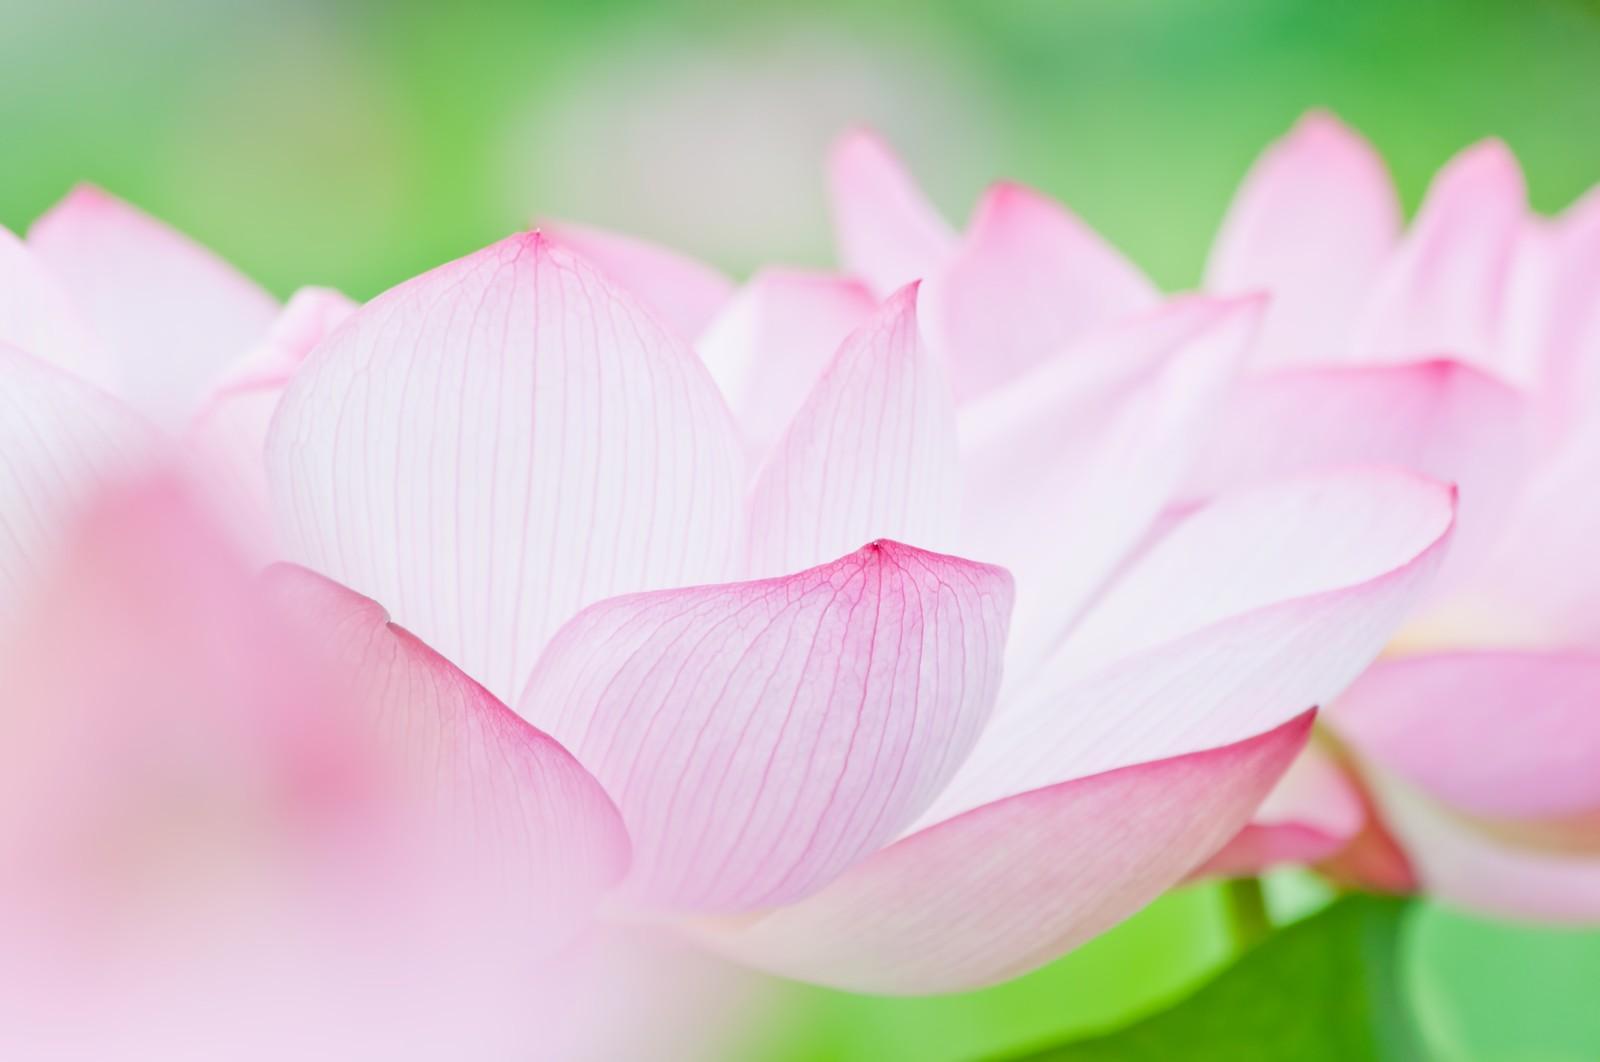 ほんのり甘いカルディの『蓮花茶』!美容にも良いと噂のベトナムのお茶です♪